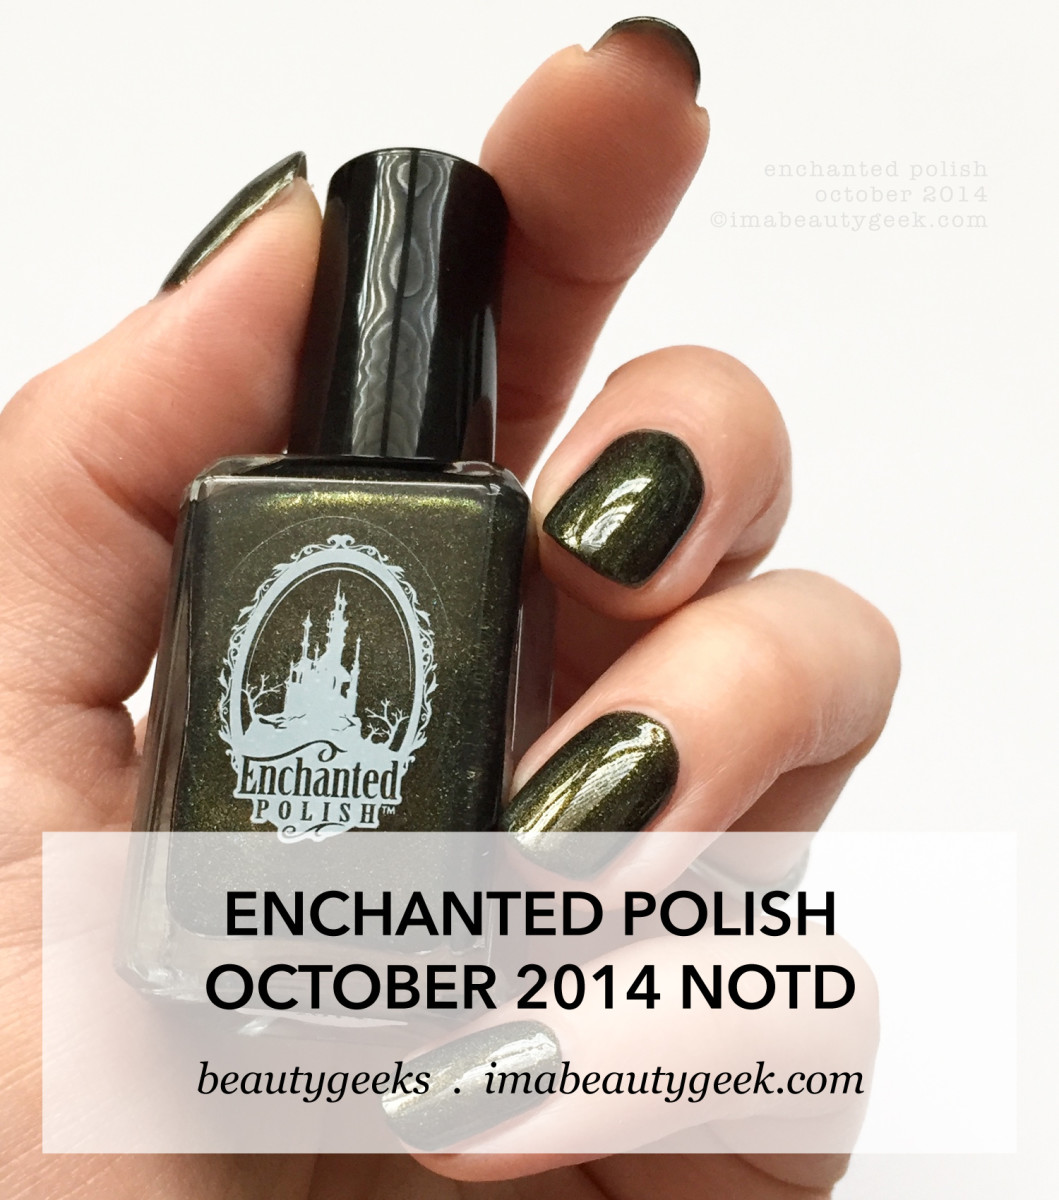 Enchanted Polish October 2014 NOTD